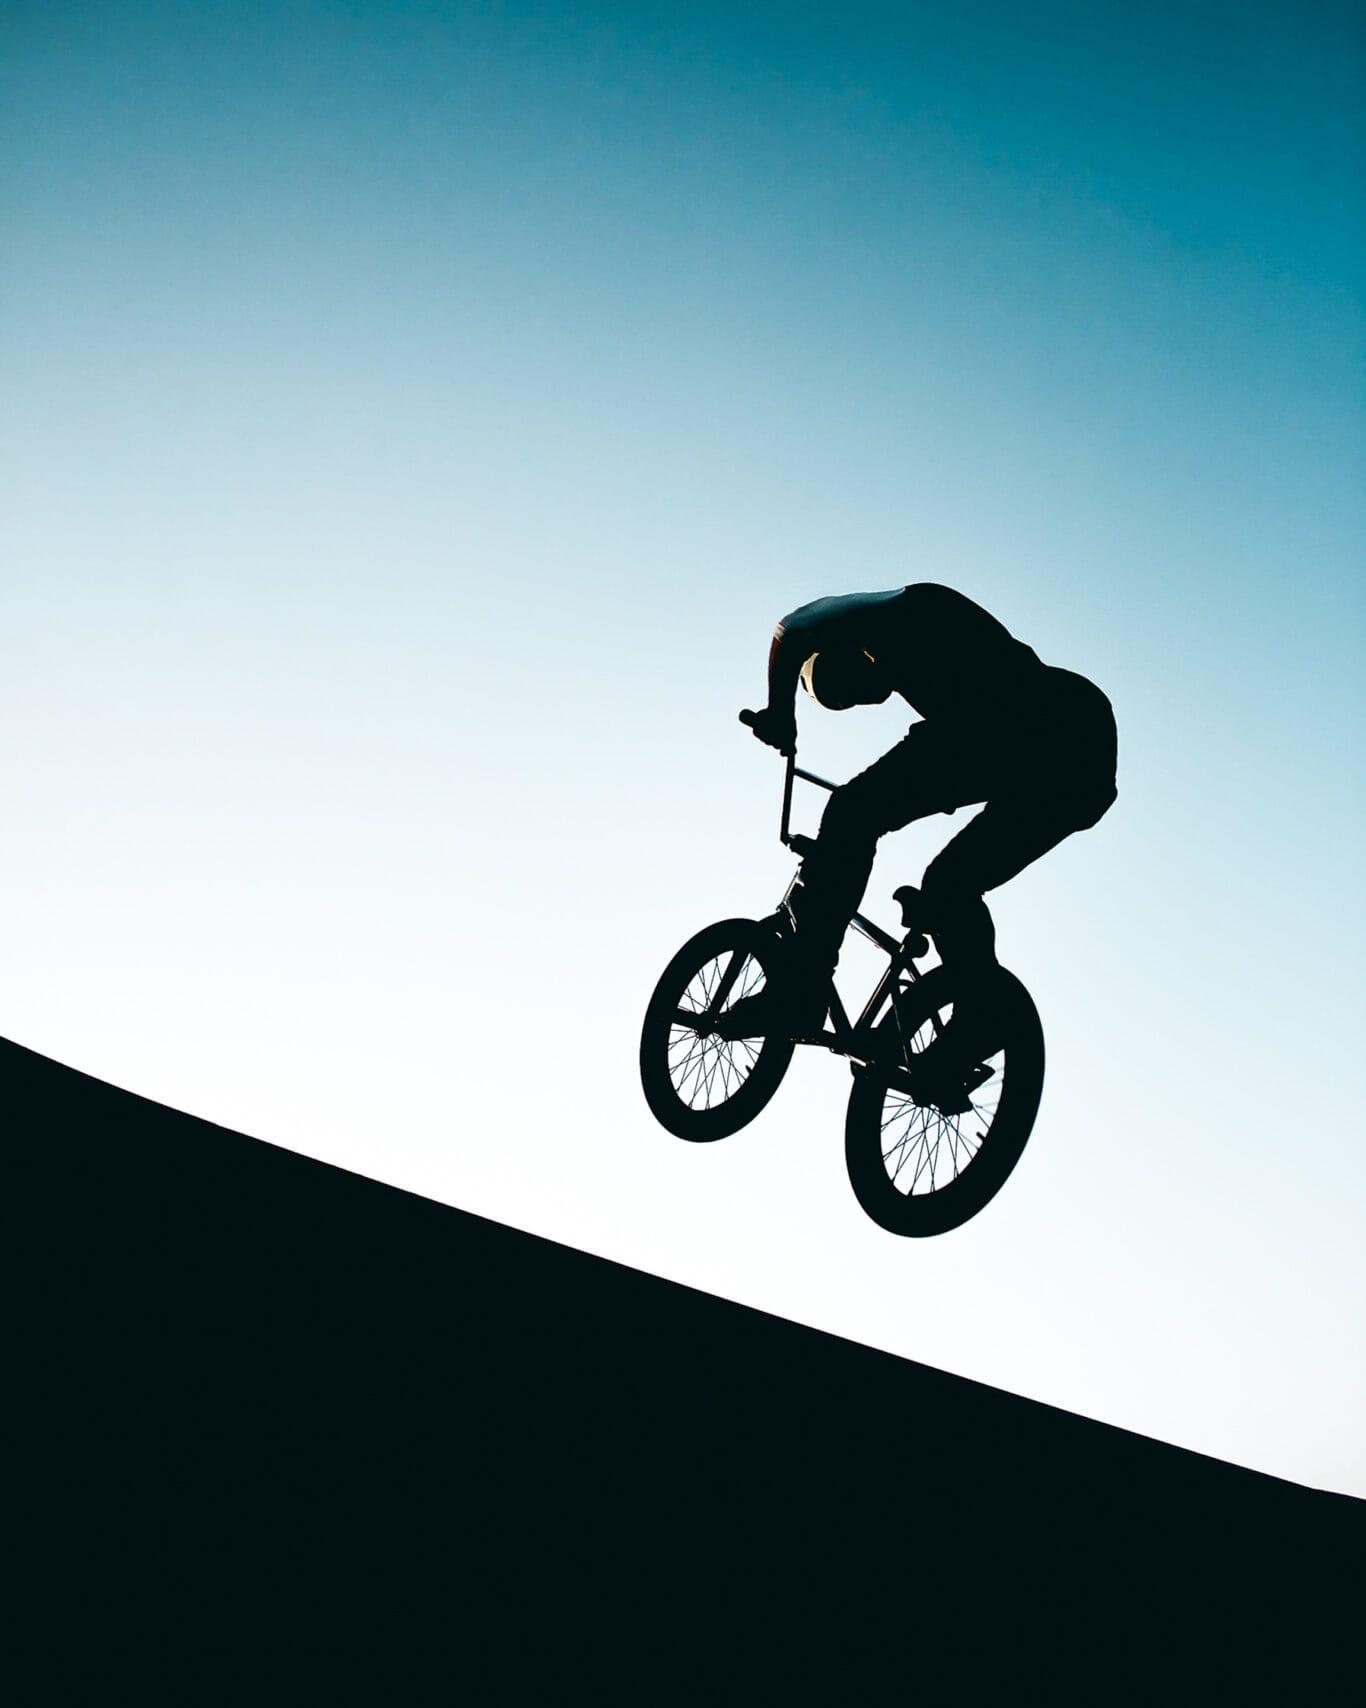 BMX Biking